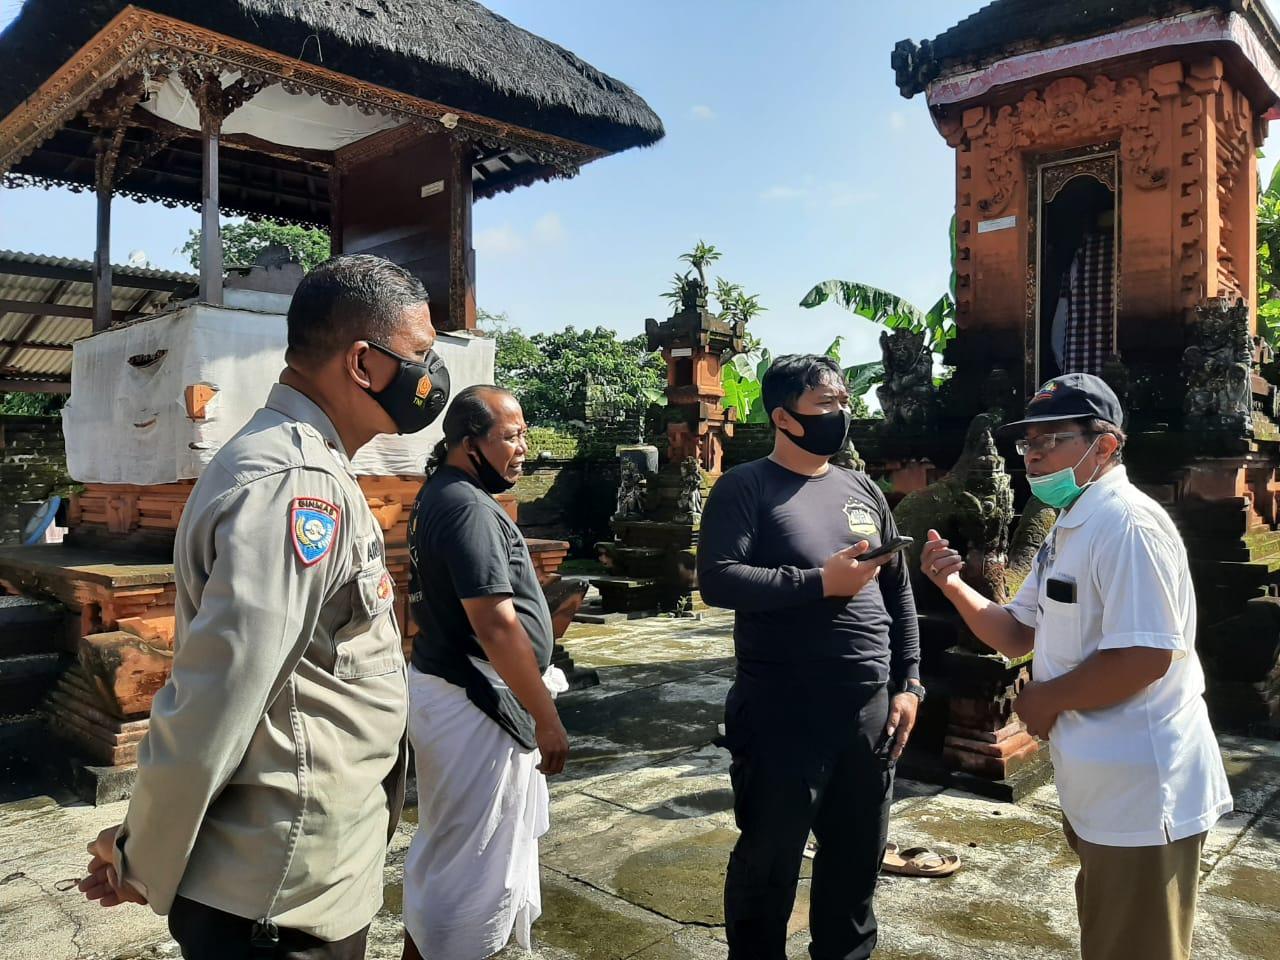 KASUS pencurian terjadi di Pura Prajapati Kaler, Ubung. Foto: ist